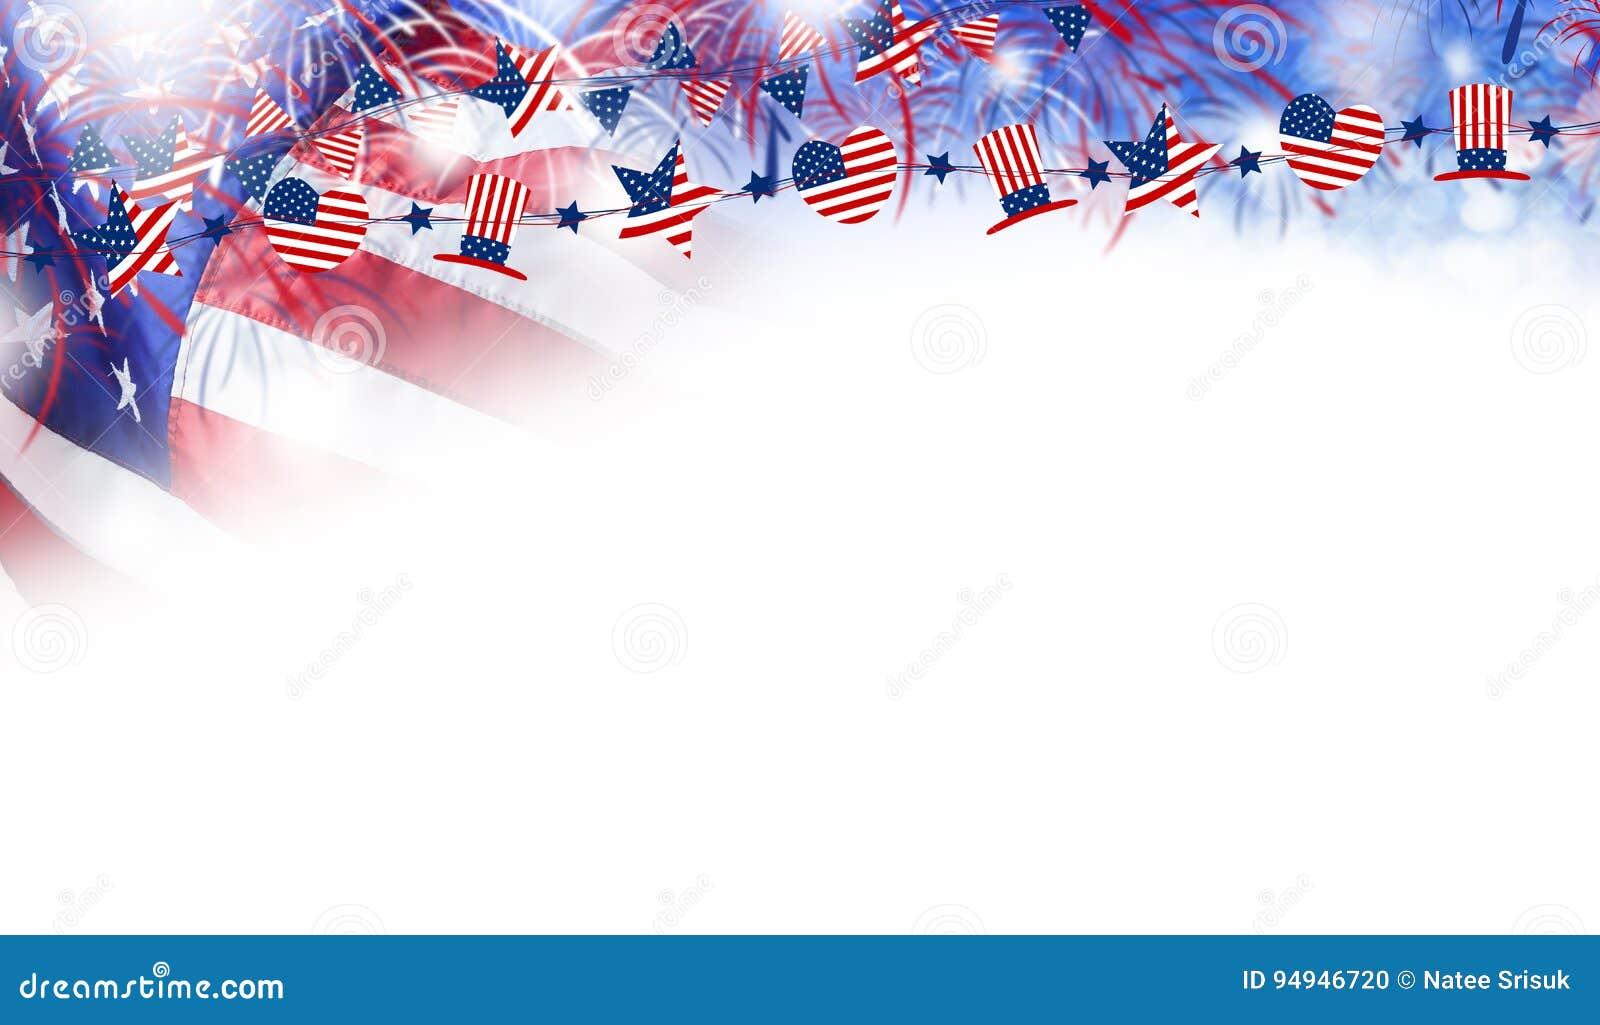 USA flagga med fyrverkeribakgrund för 4 den juli självständighetsdagen